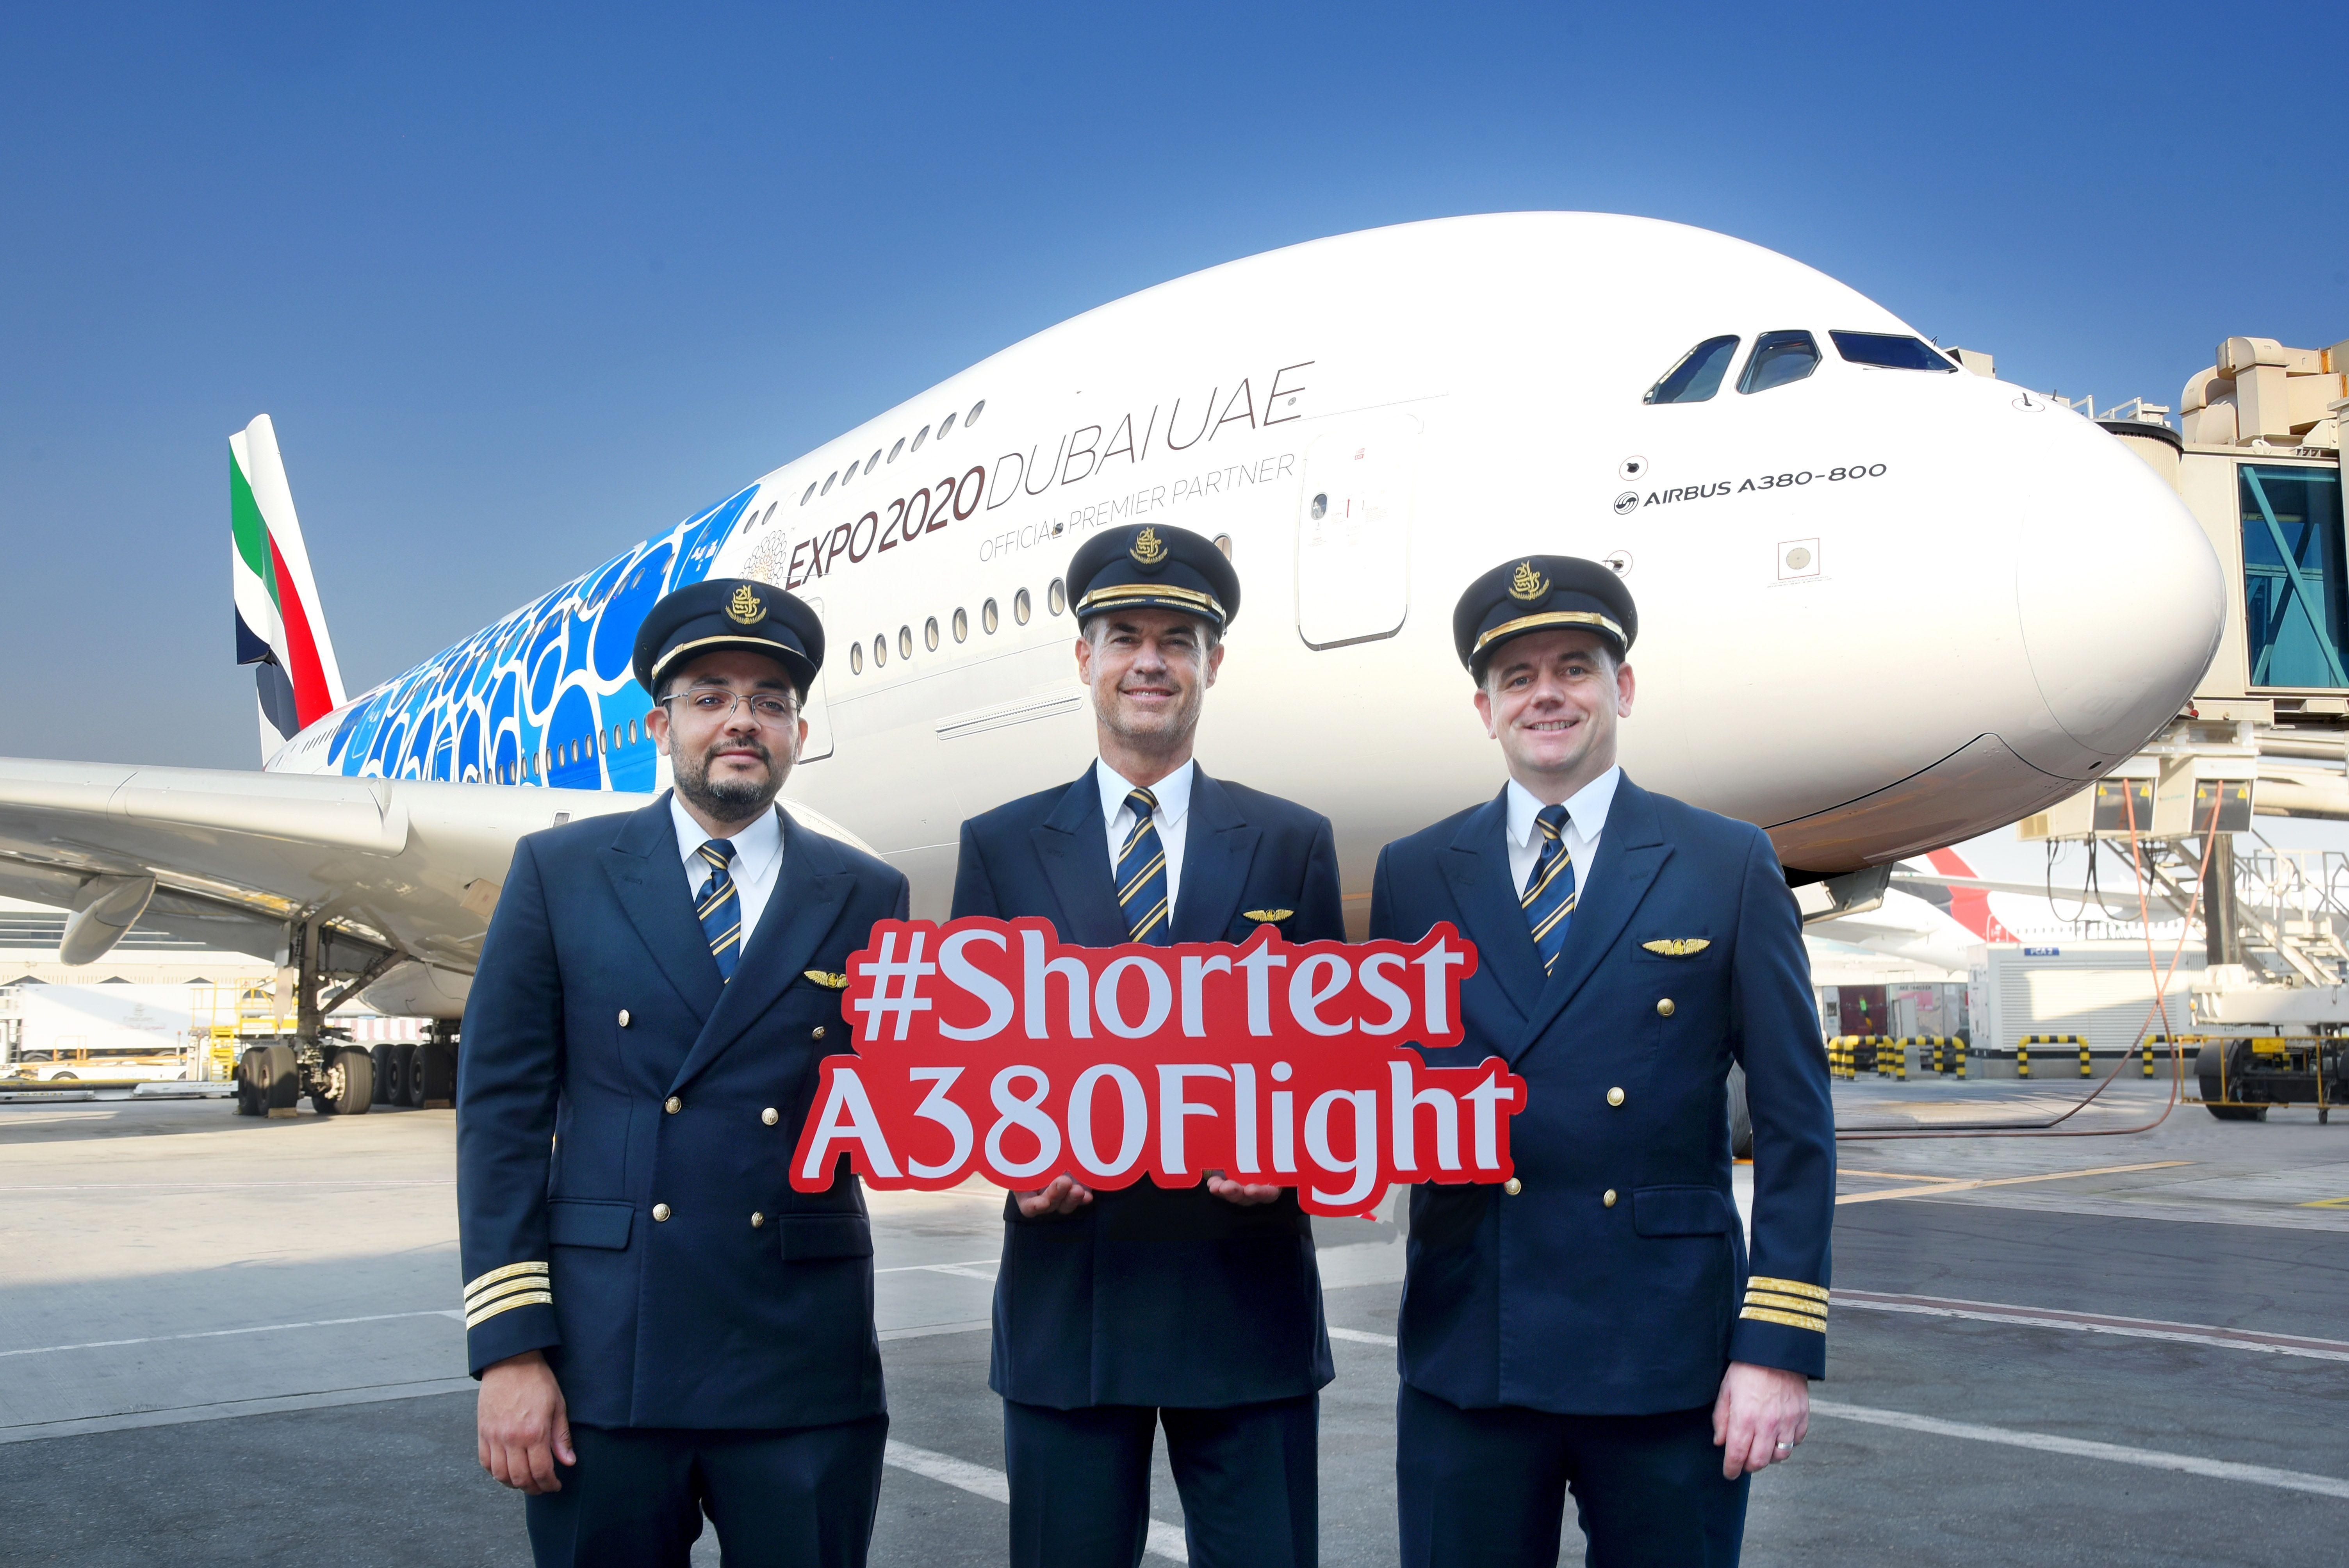 阿聯酋航空開通全球最短A380航線——從迪拜至馬斯喀特